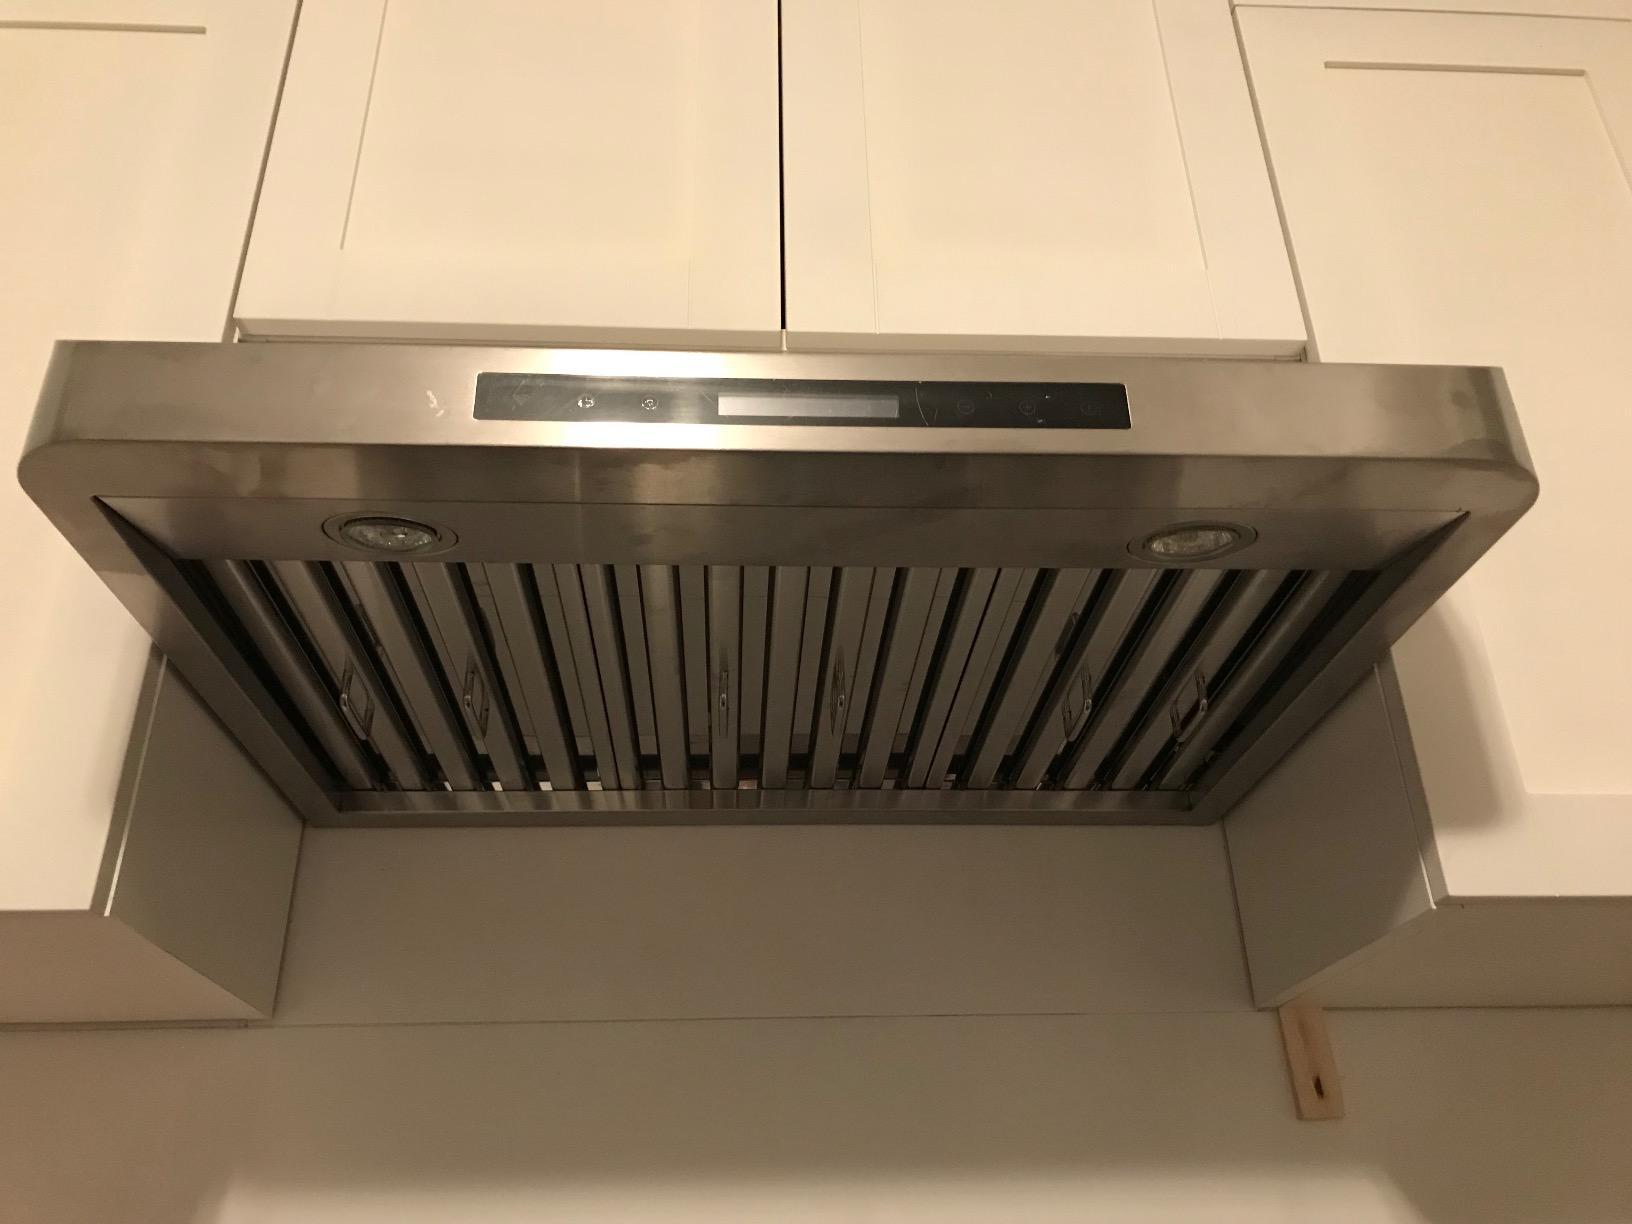 Cosmo QS75 30-in Under-Cabinet Range Hood